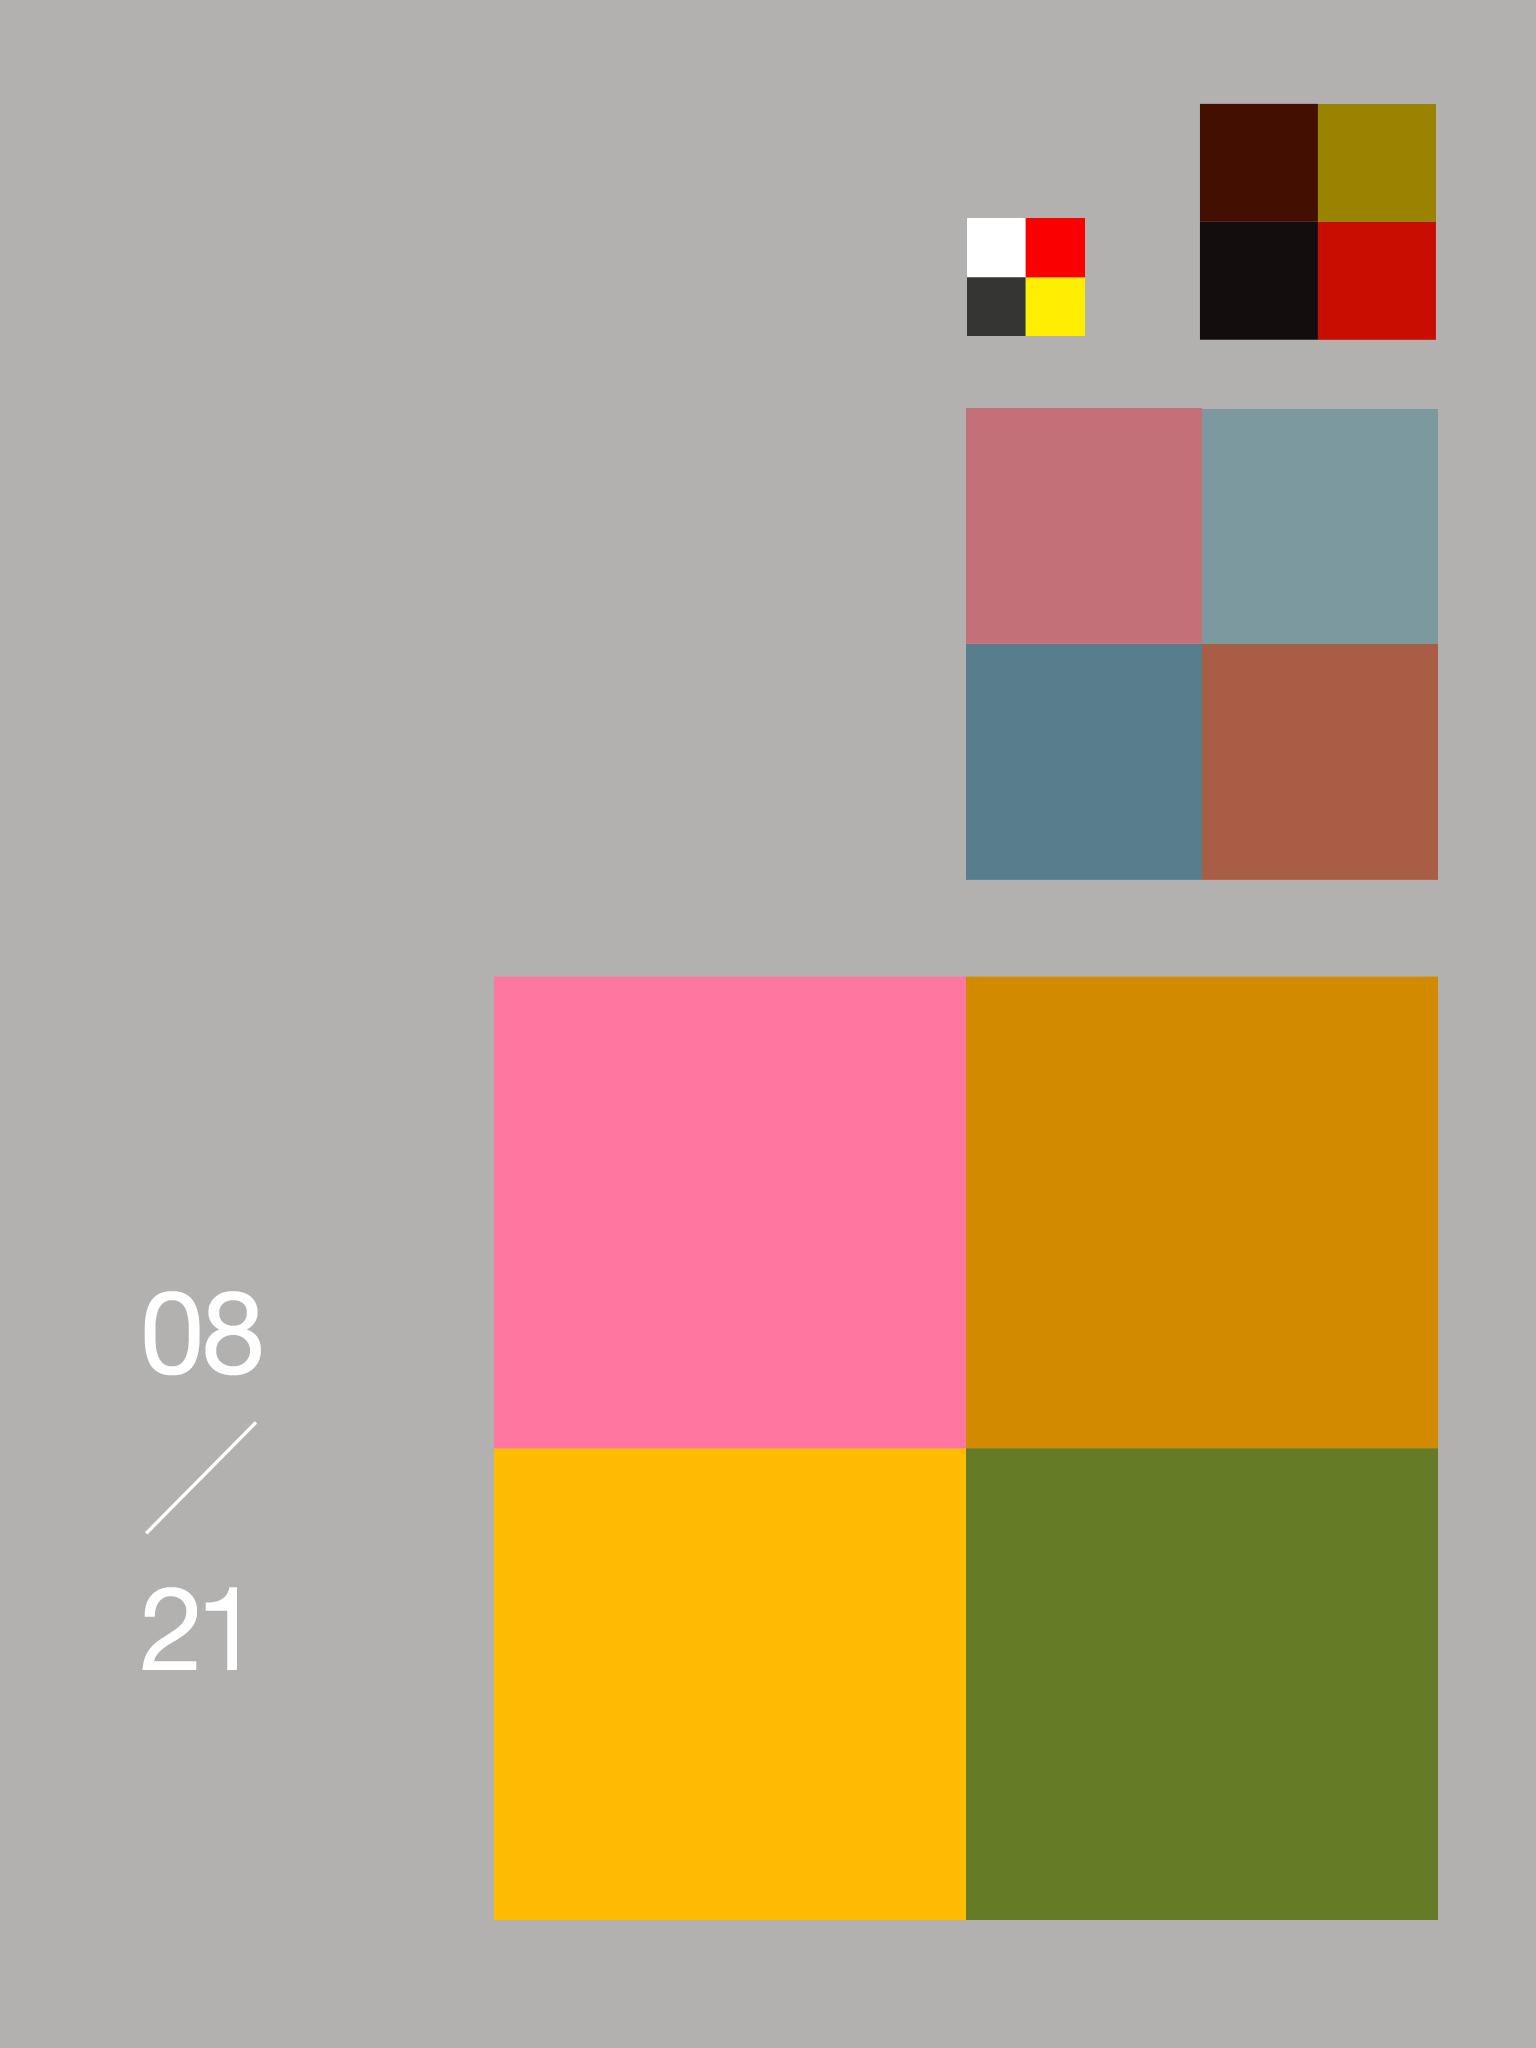 August's Best Music